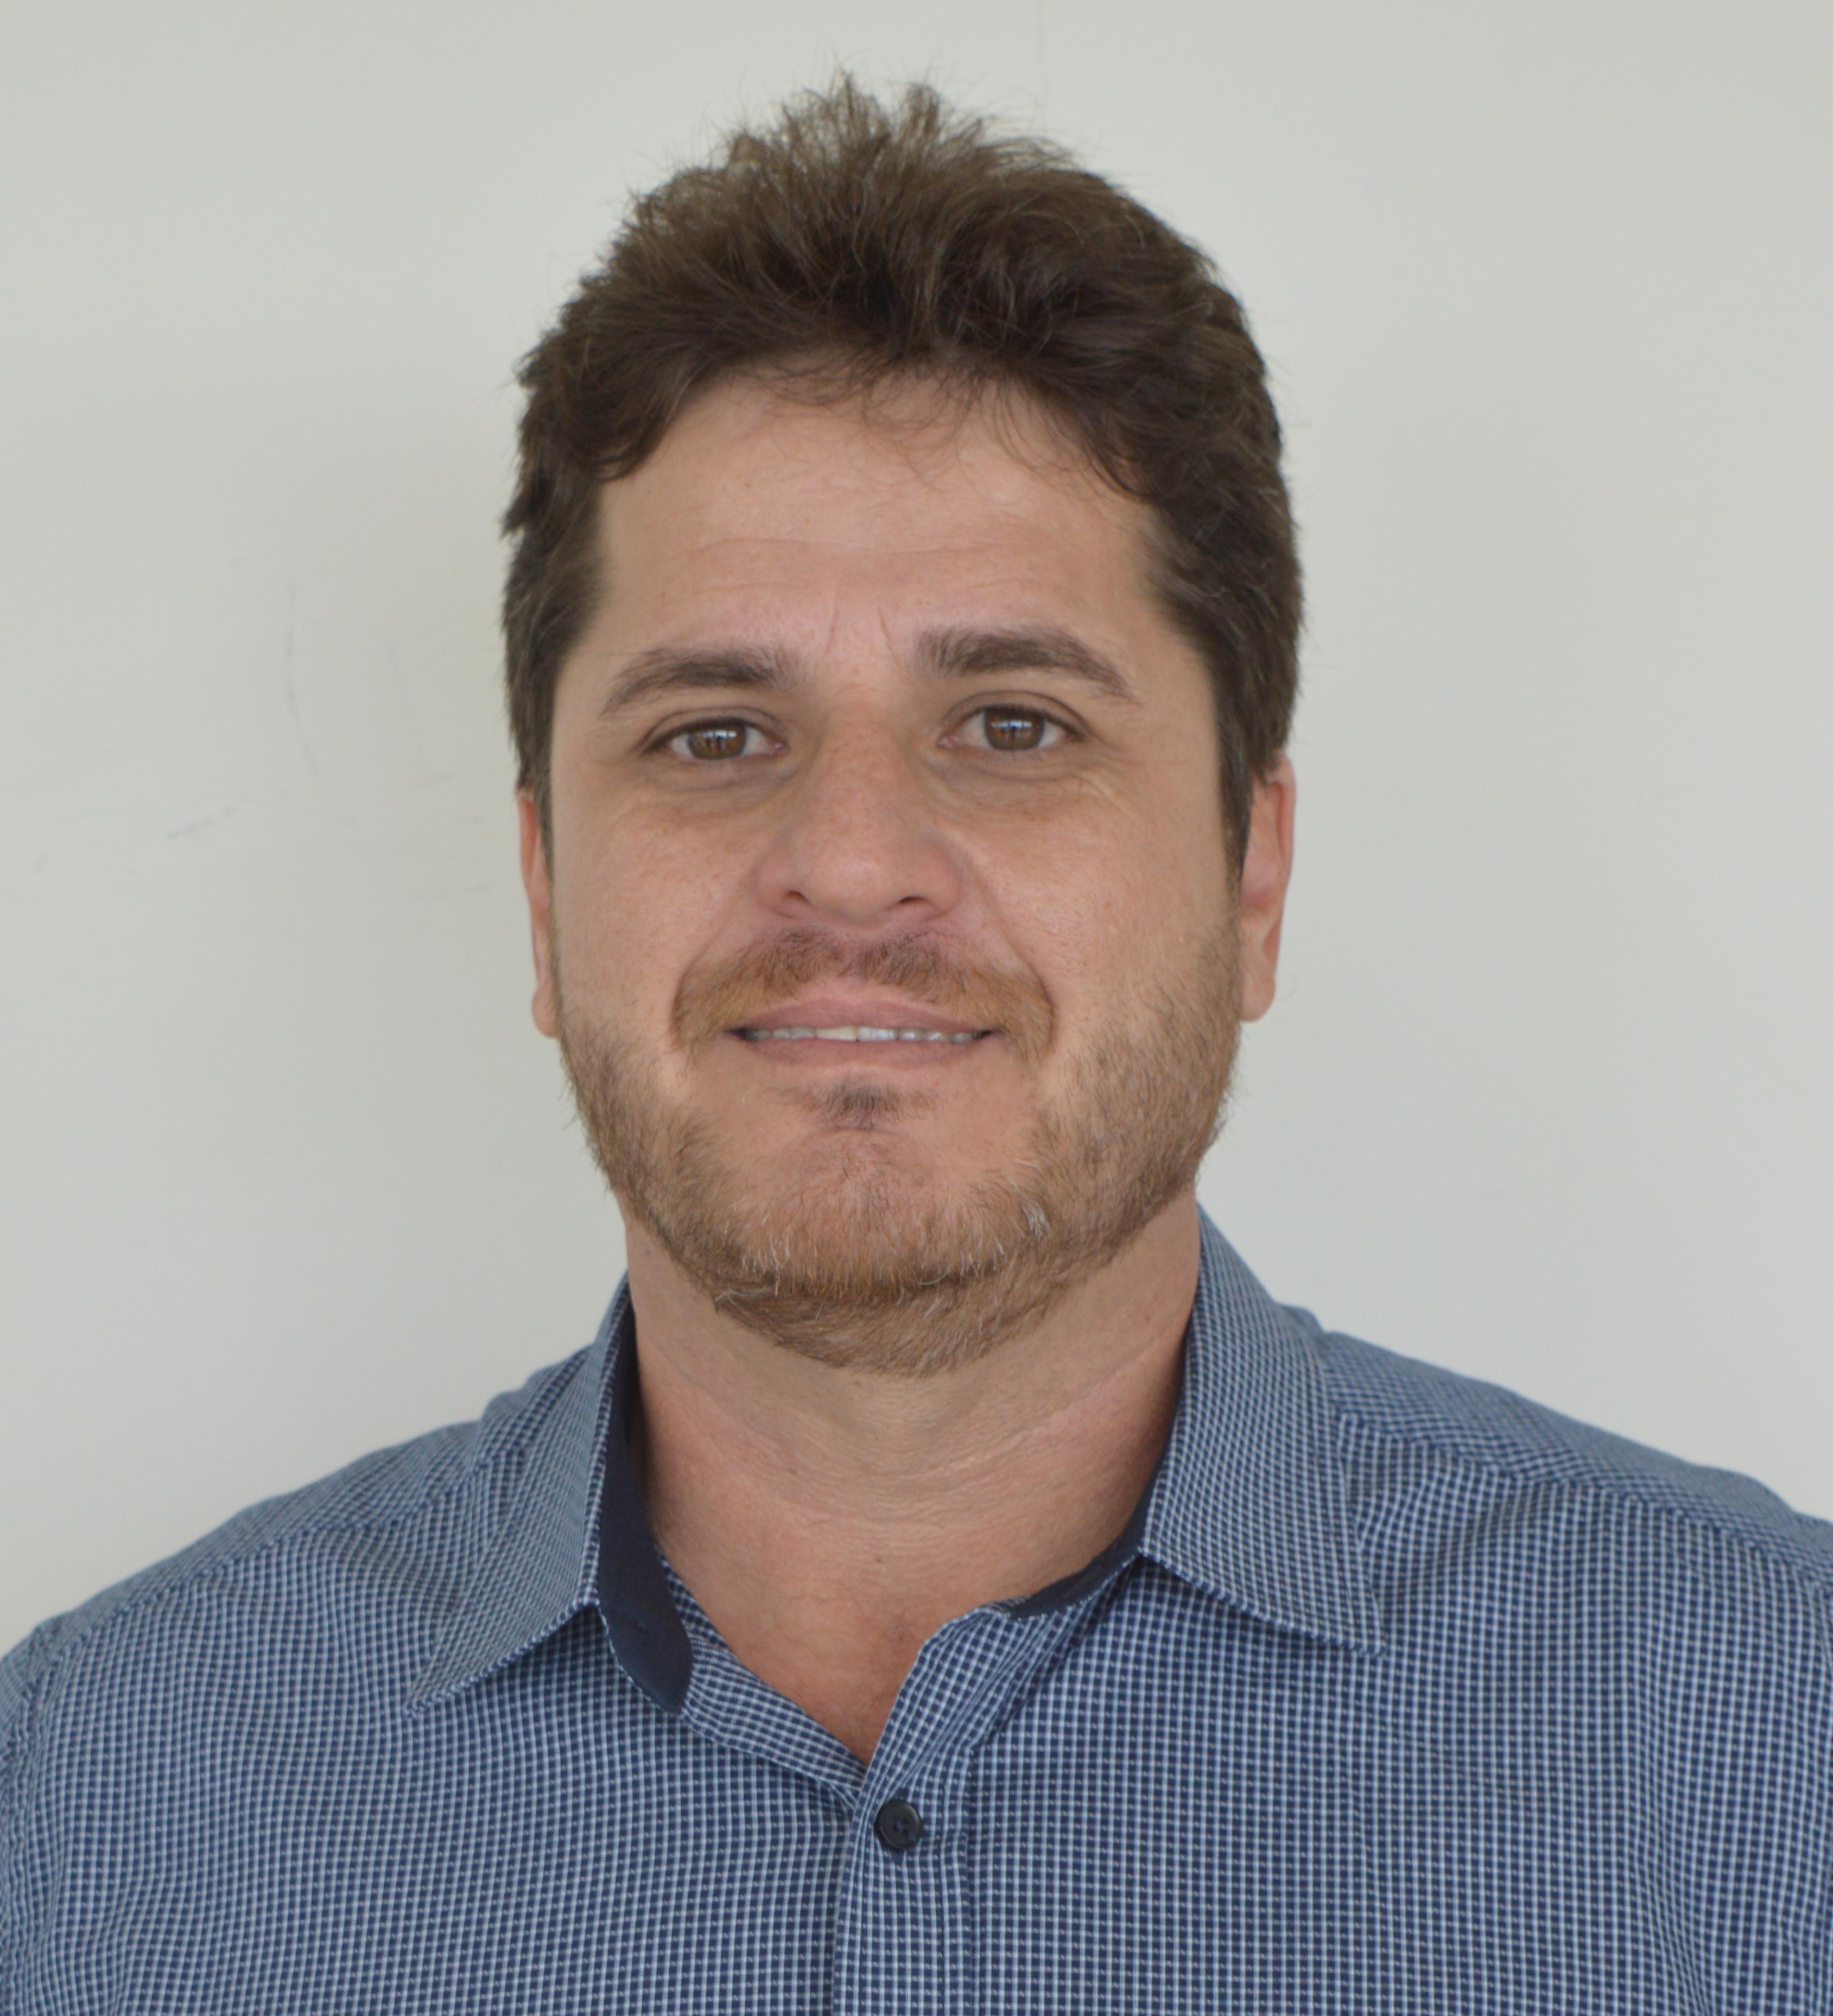 CÉSAR FELICIANO DE OLIVEIRA